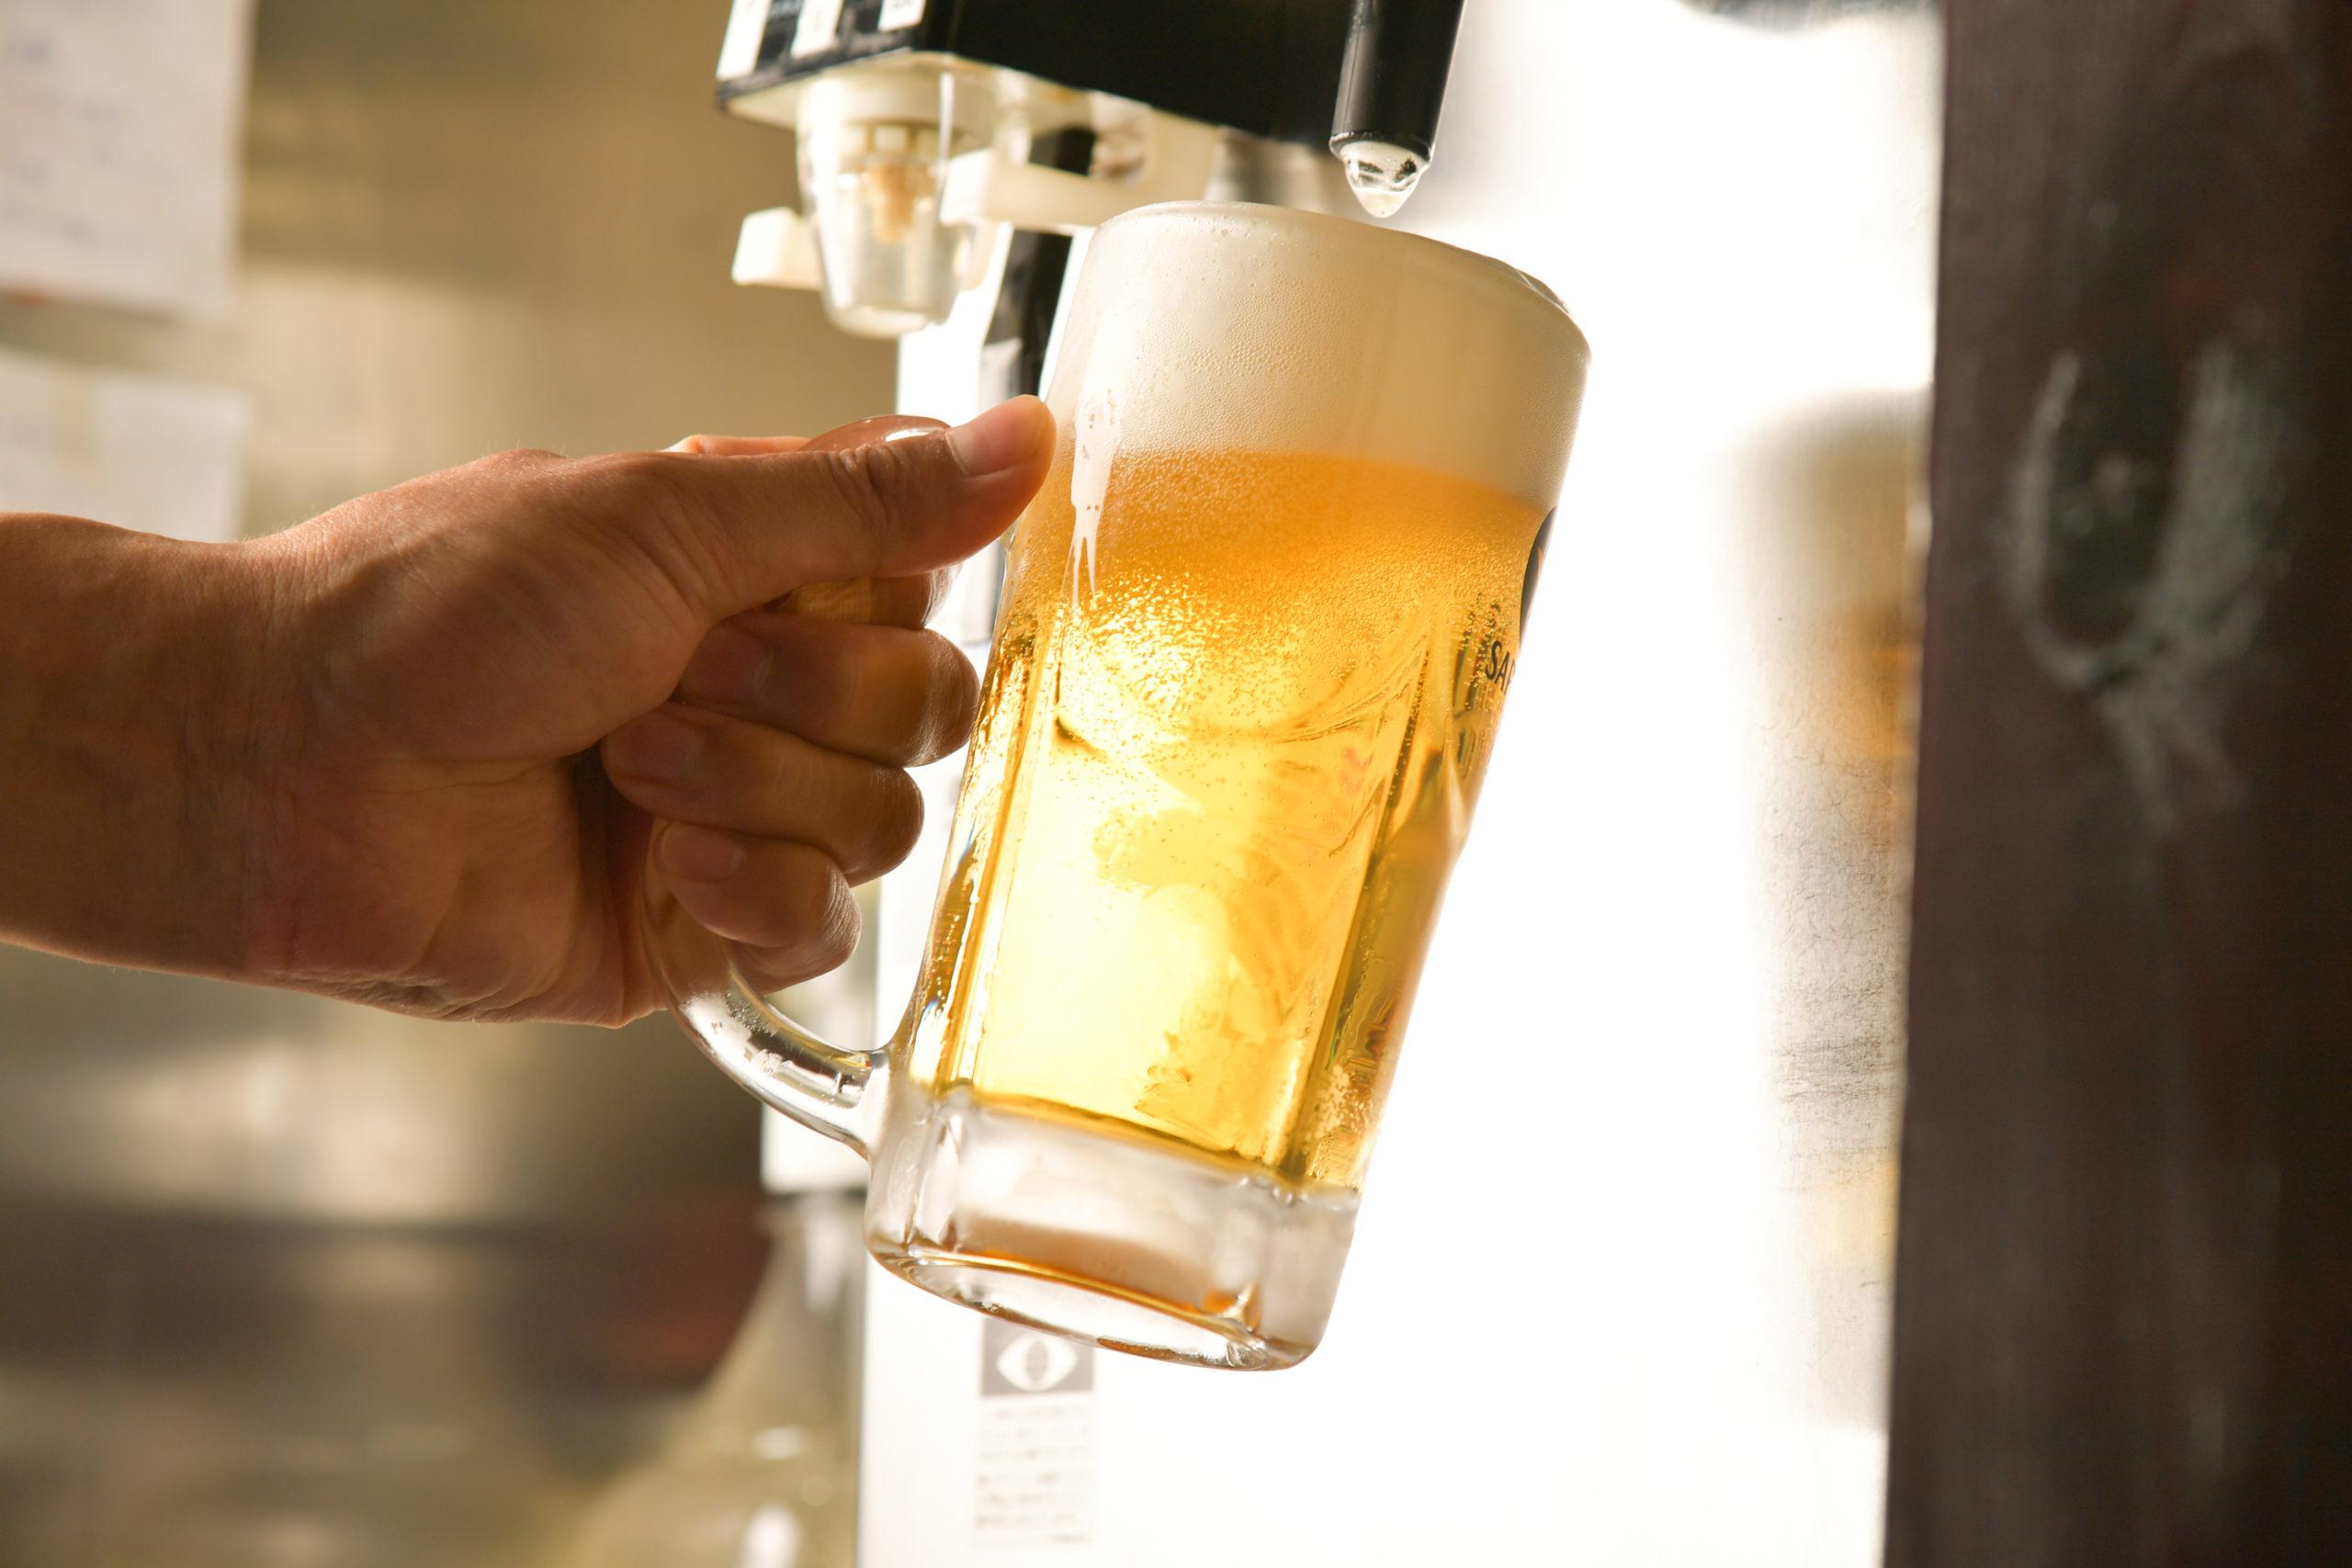 ビール注ぎ画像